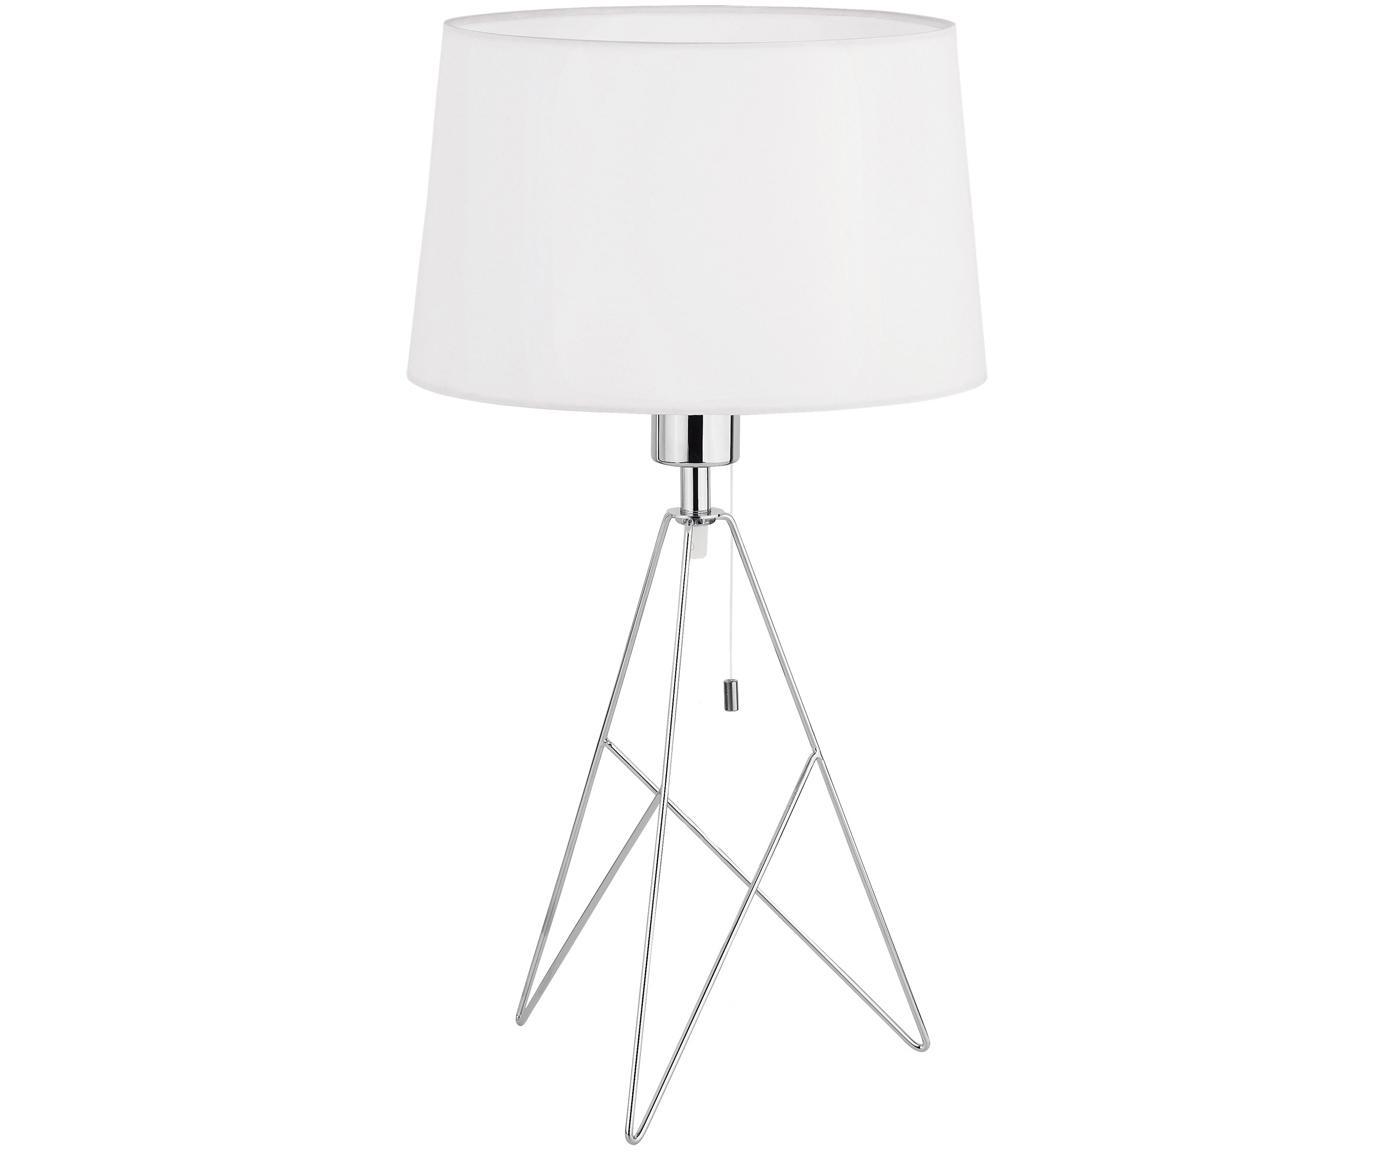 Lampada da tavolo Camporale, Base della lampada: acciaio, cromato, Bianco, cromo, Ø 30 x Alt. 56 cm